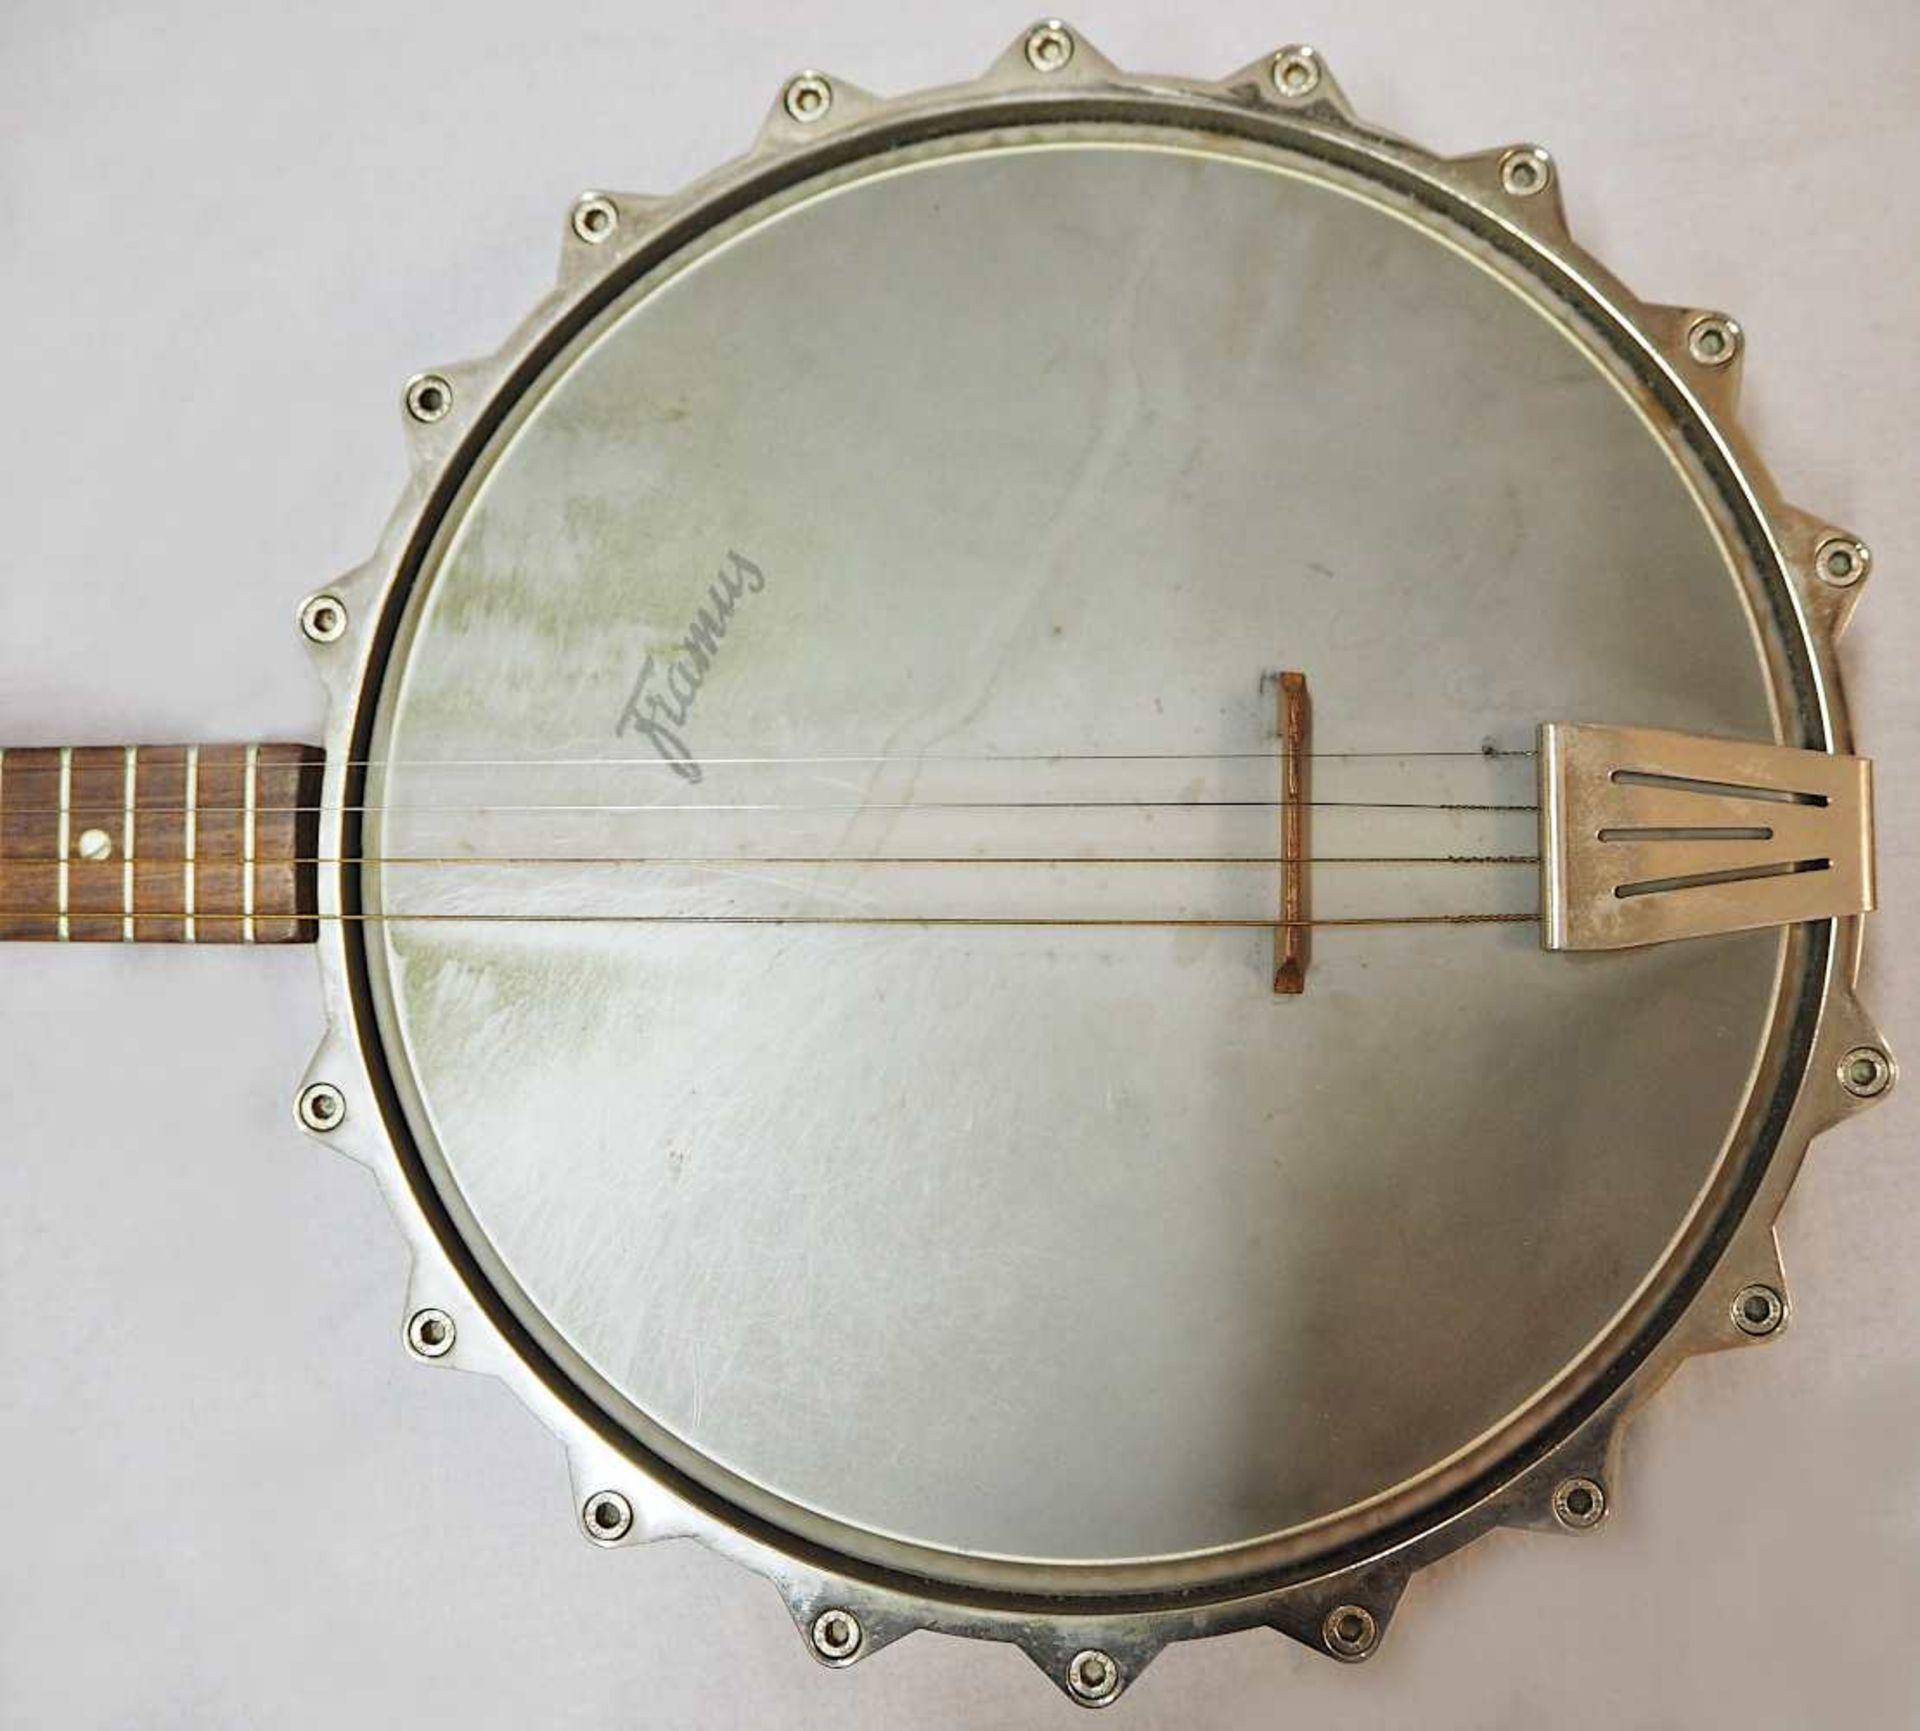 1 Banjo auf Resonanzfell/Kopfplatte bez. FRAMUS, wohl 1960er Jahre 4-saitig, mit Metal - Bild 2 aus 5